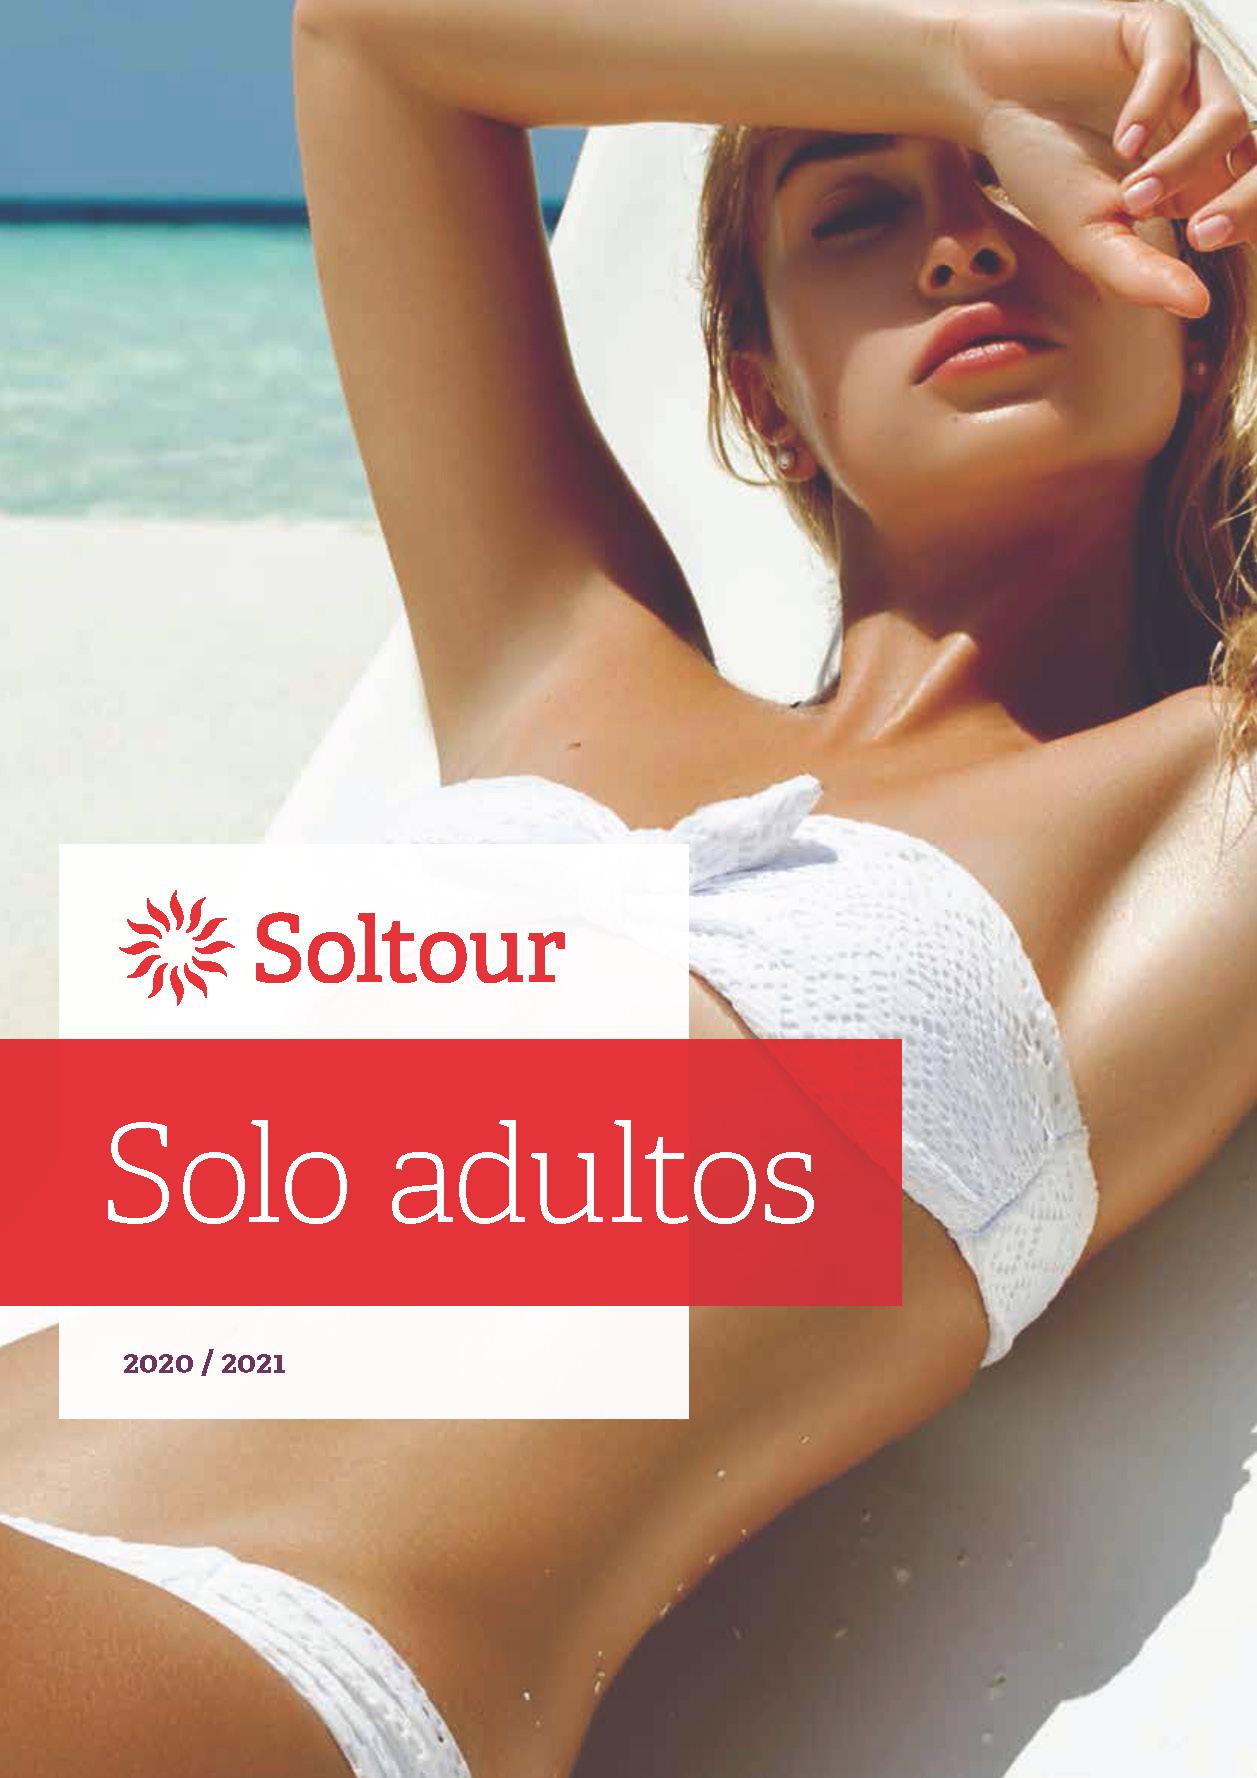 Catalogo Soltour Solo Adultos Baleares Canarias Cabo Verde Caribe 2021